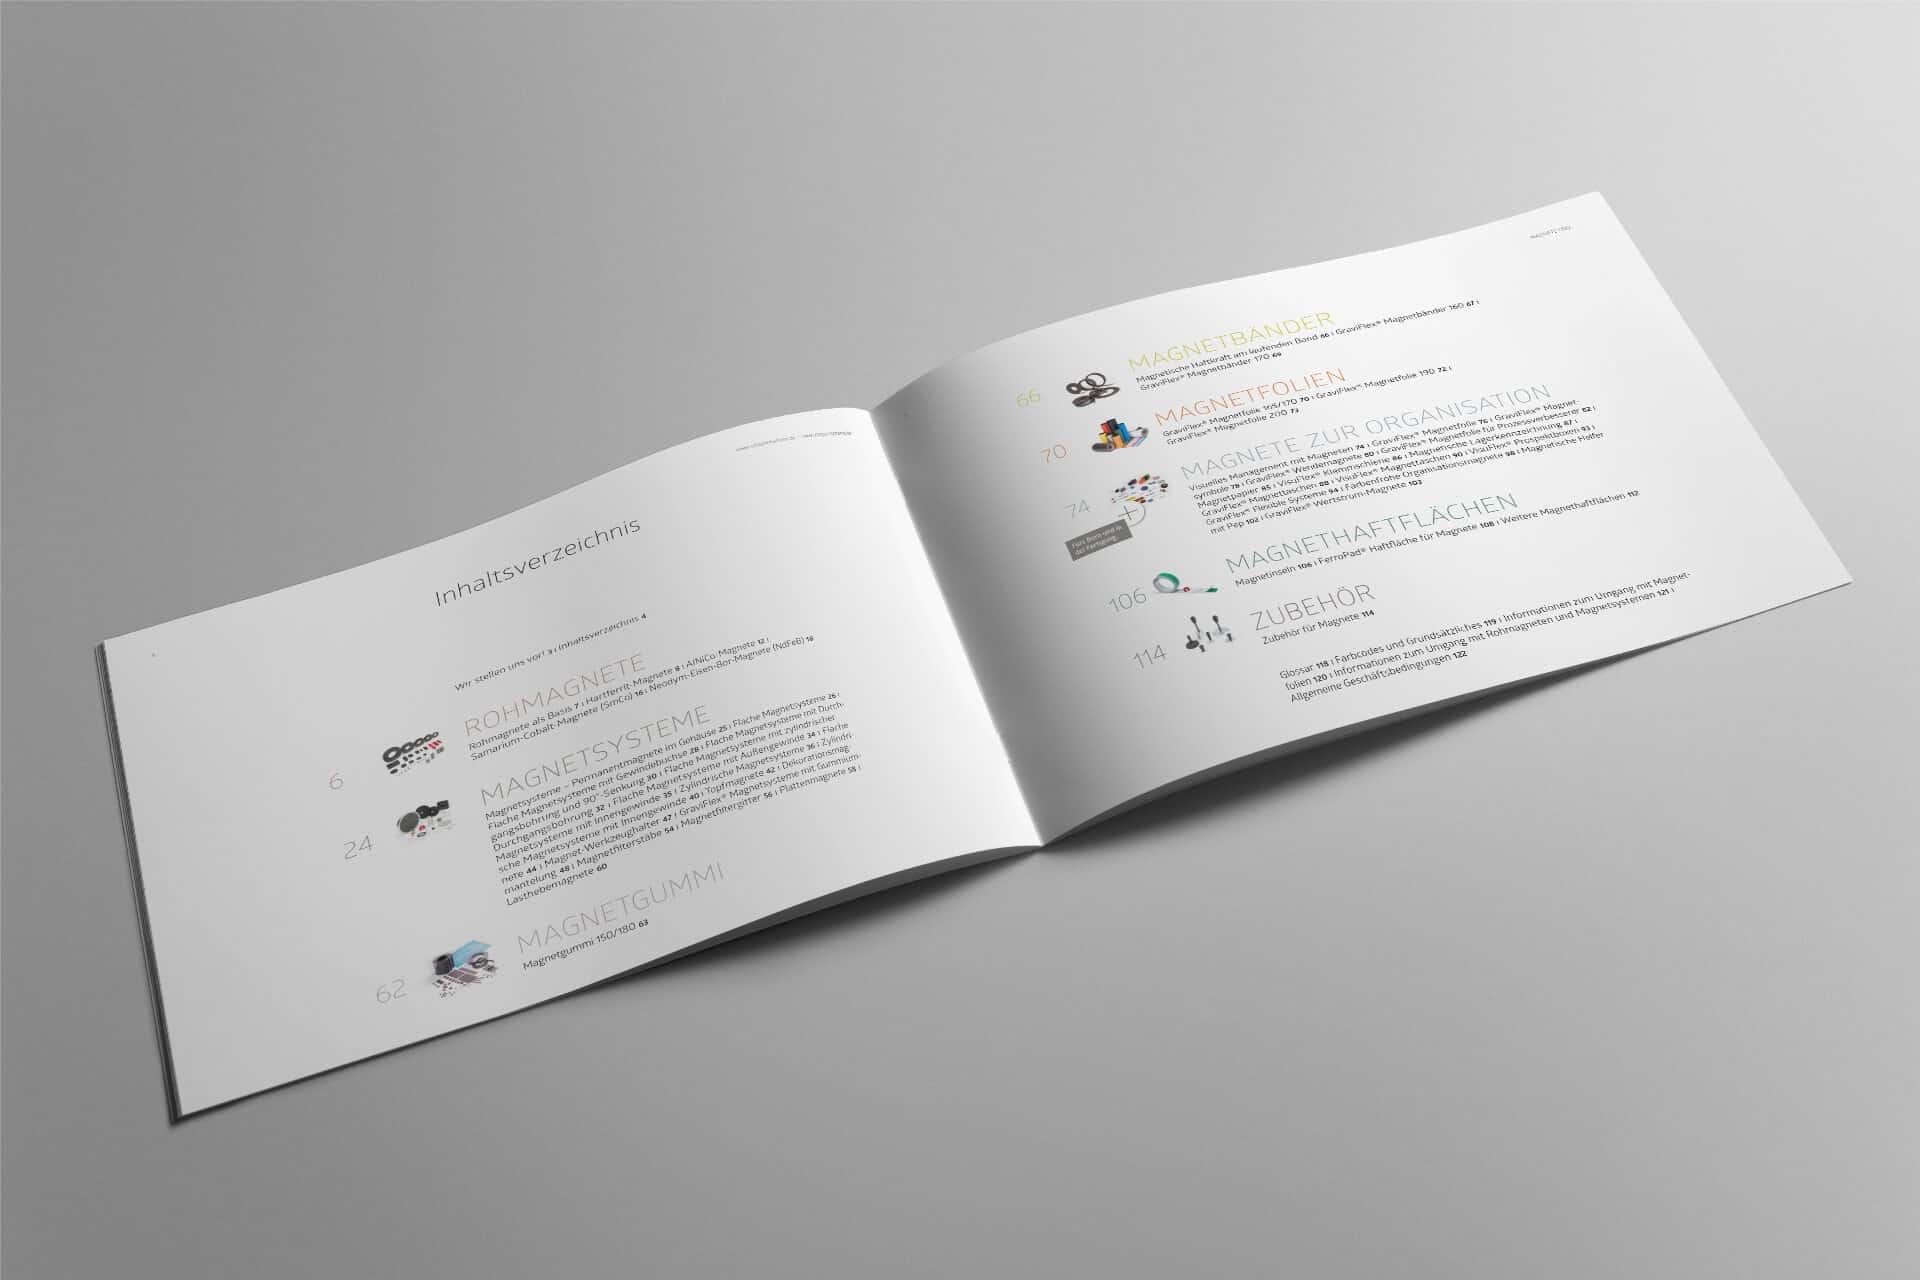 Schallenkammer-03 Inhaltsverzeichnis-Referenz-Klassische-Werbung